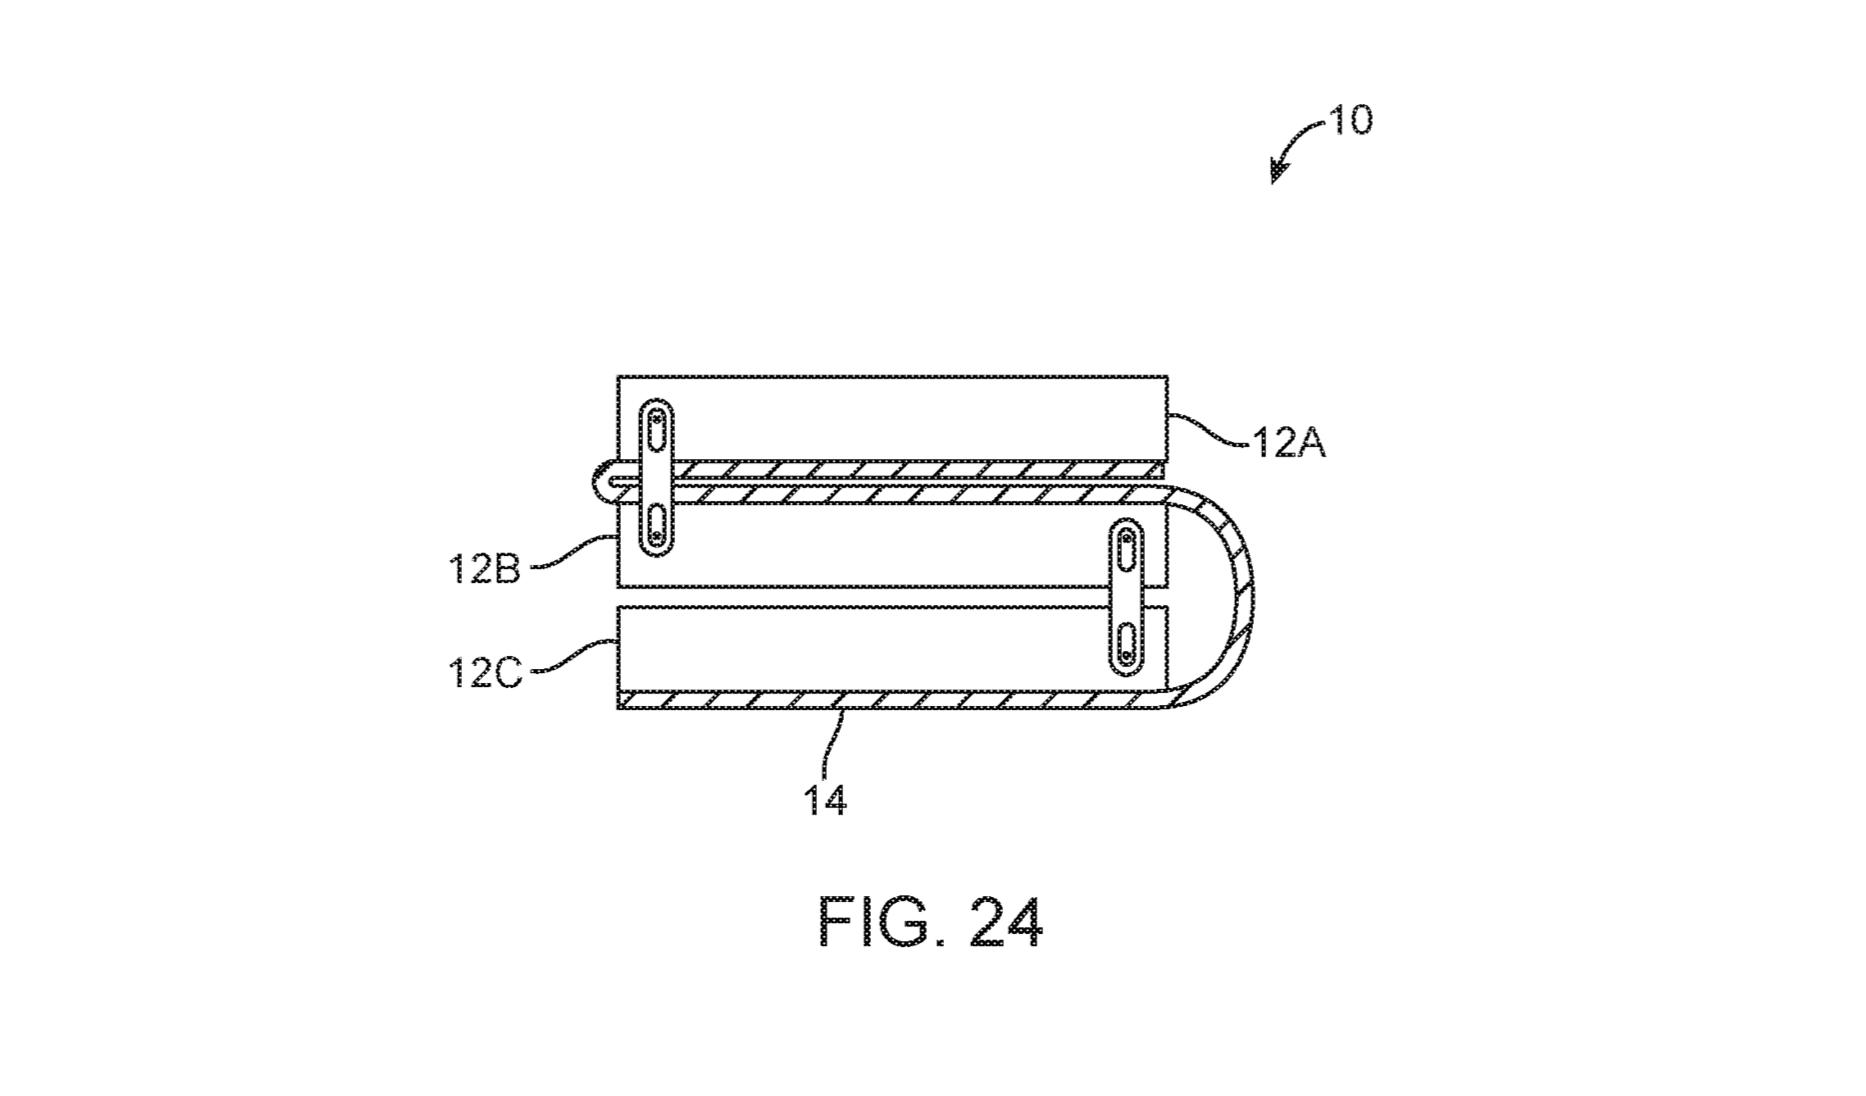 Tremble, Galaxy Fold : Apple a déposé un brevet pour un téléphone pliable